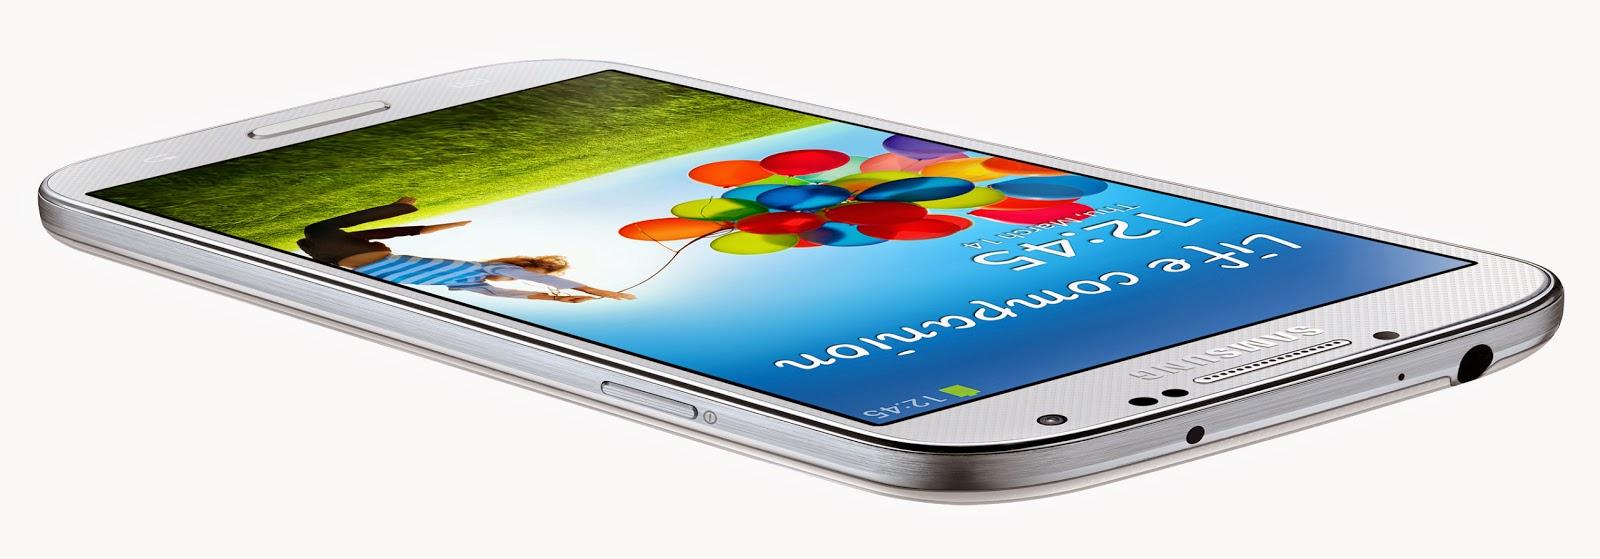 Мобильный телефон Samsung GT-I9500 Galaxy S 4 16GB White с двумя видеокамерами